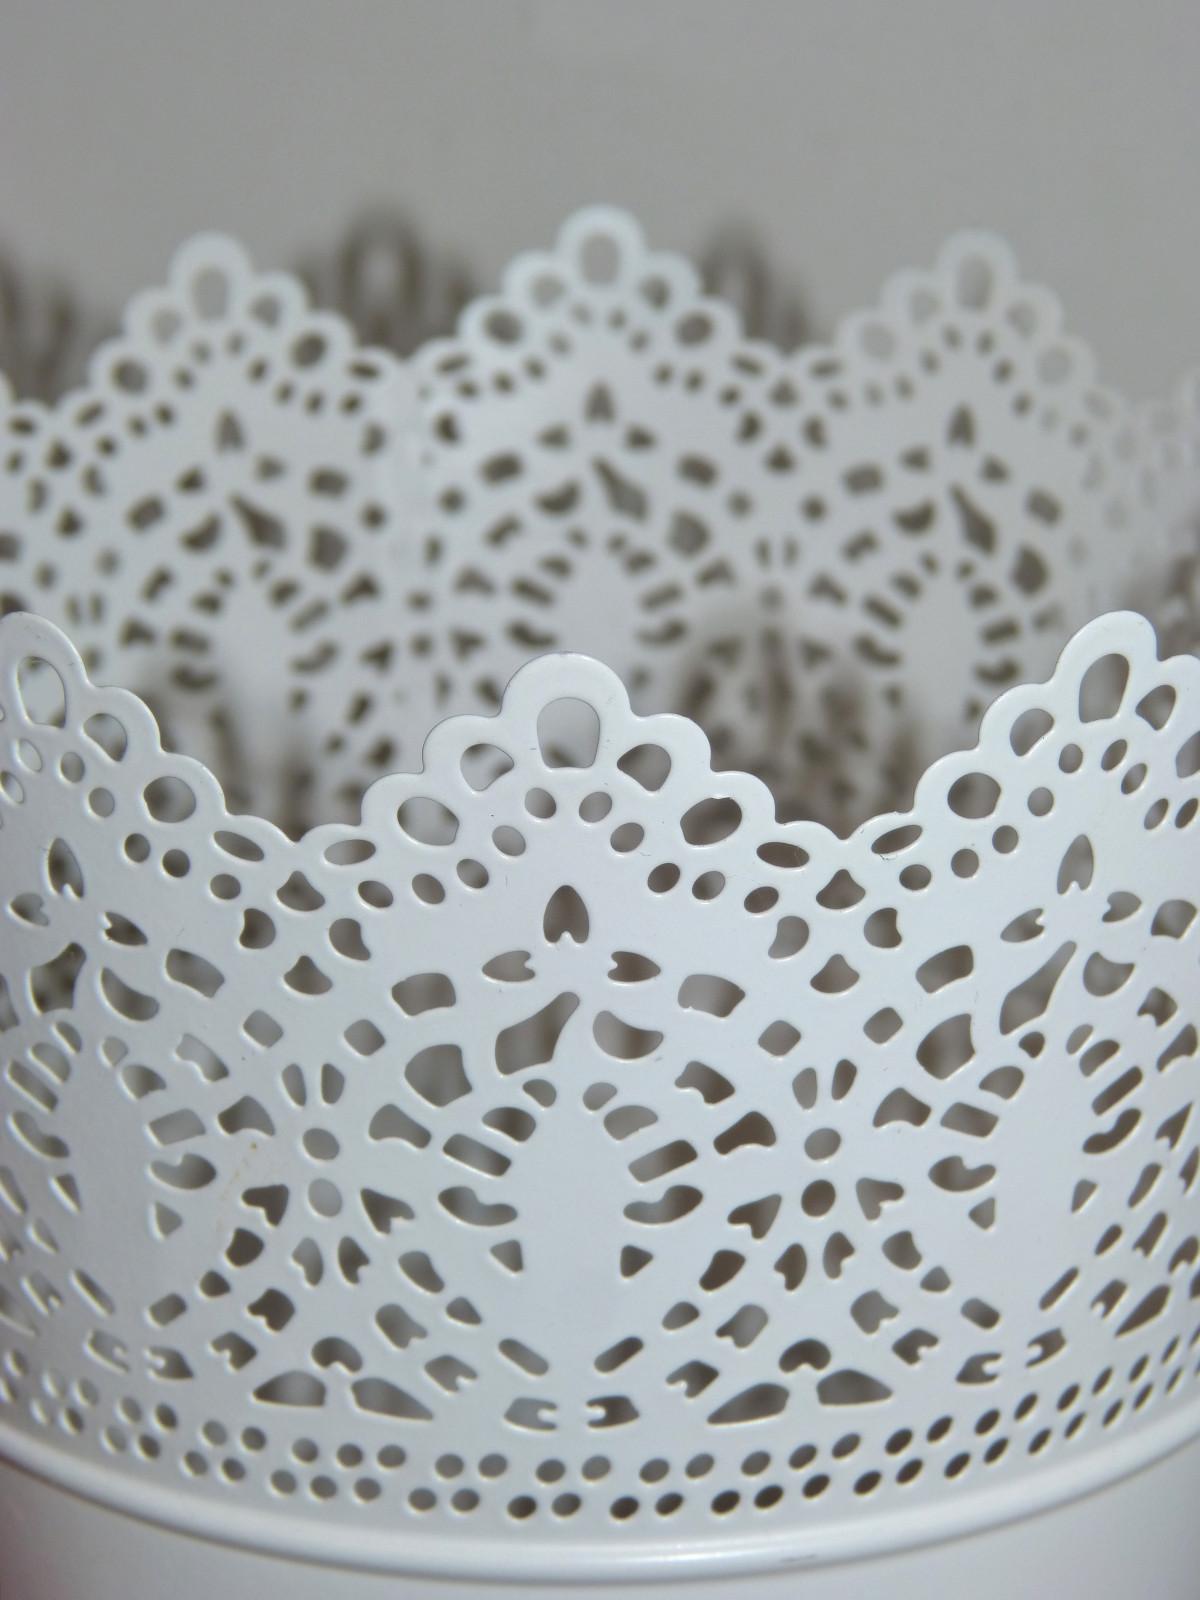 Kostenlose Foto Weiß Textur Muster Spitze Material Tischdecke